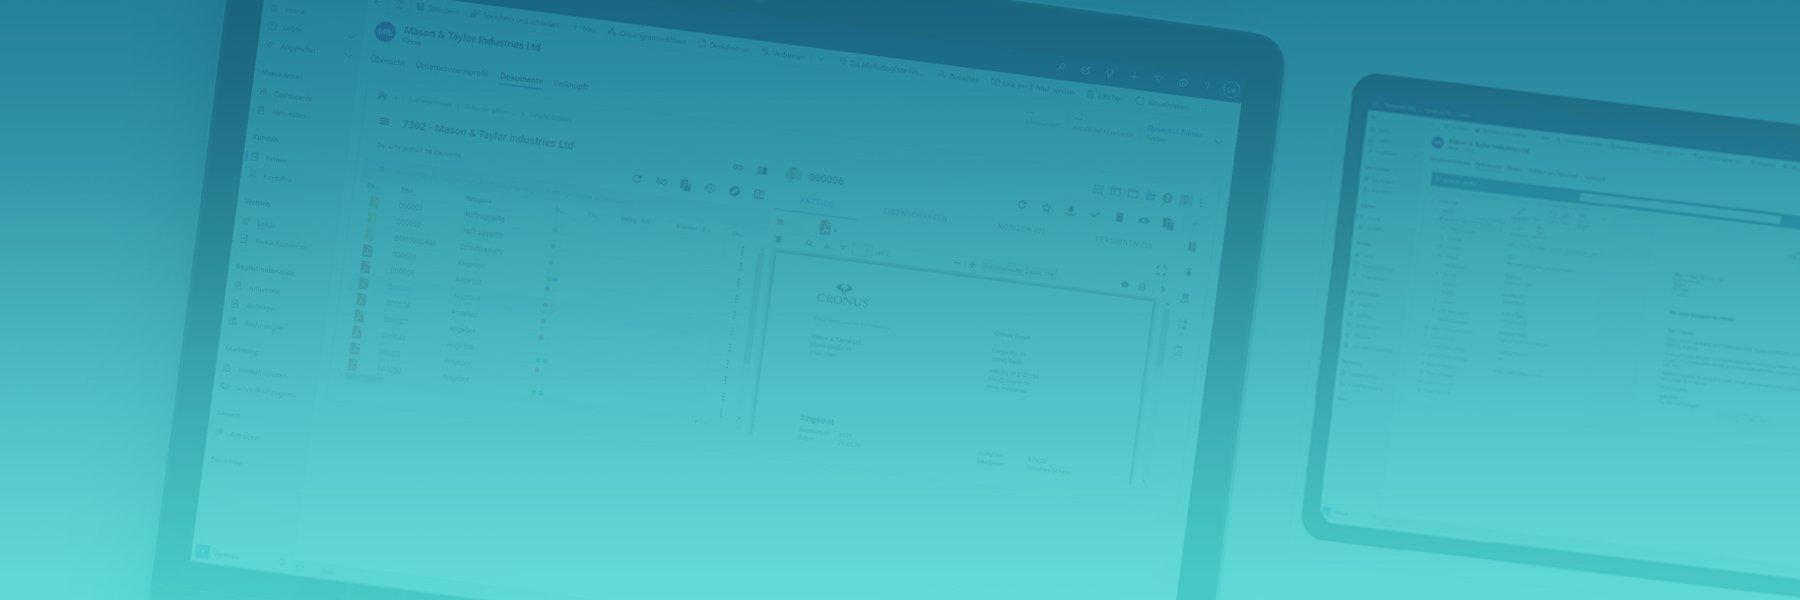 digitales-vertriebsmanagement-header-webseite